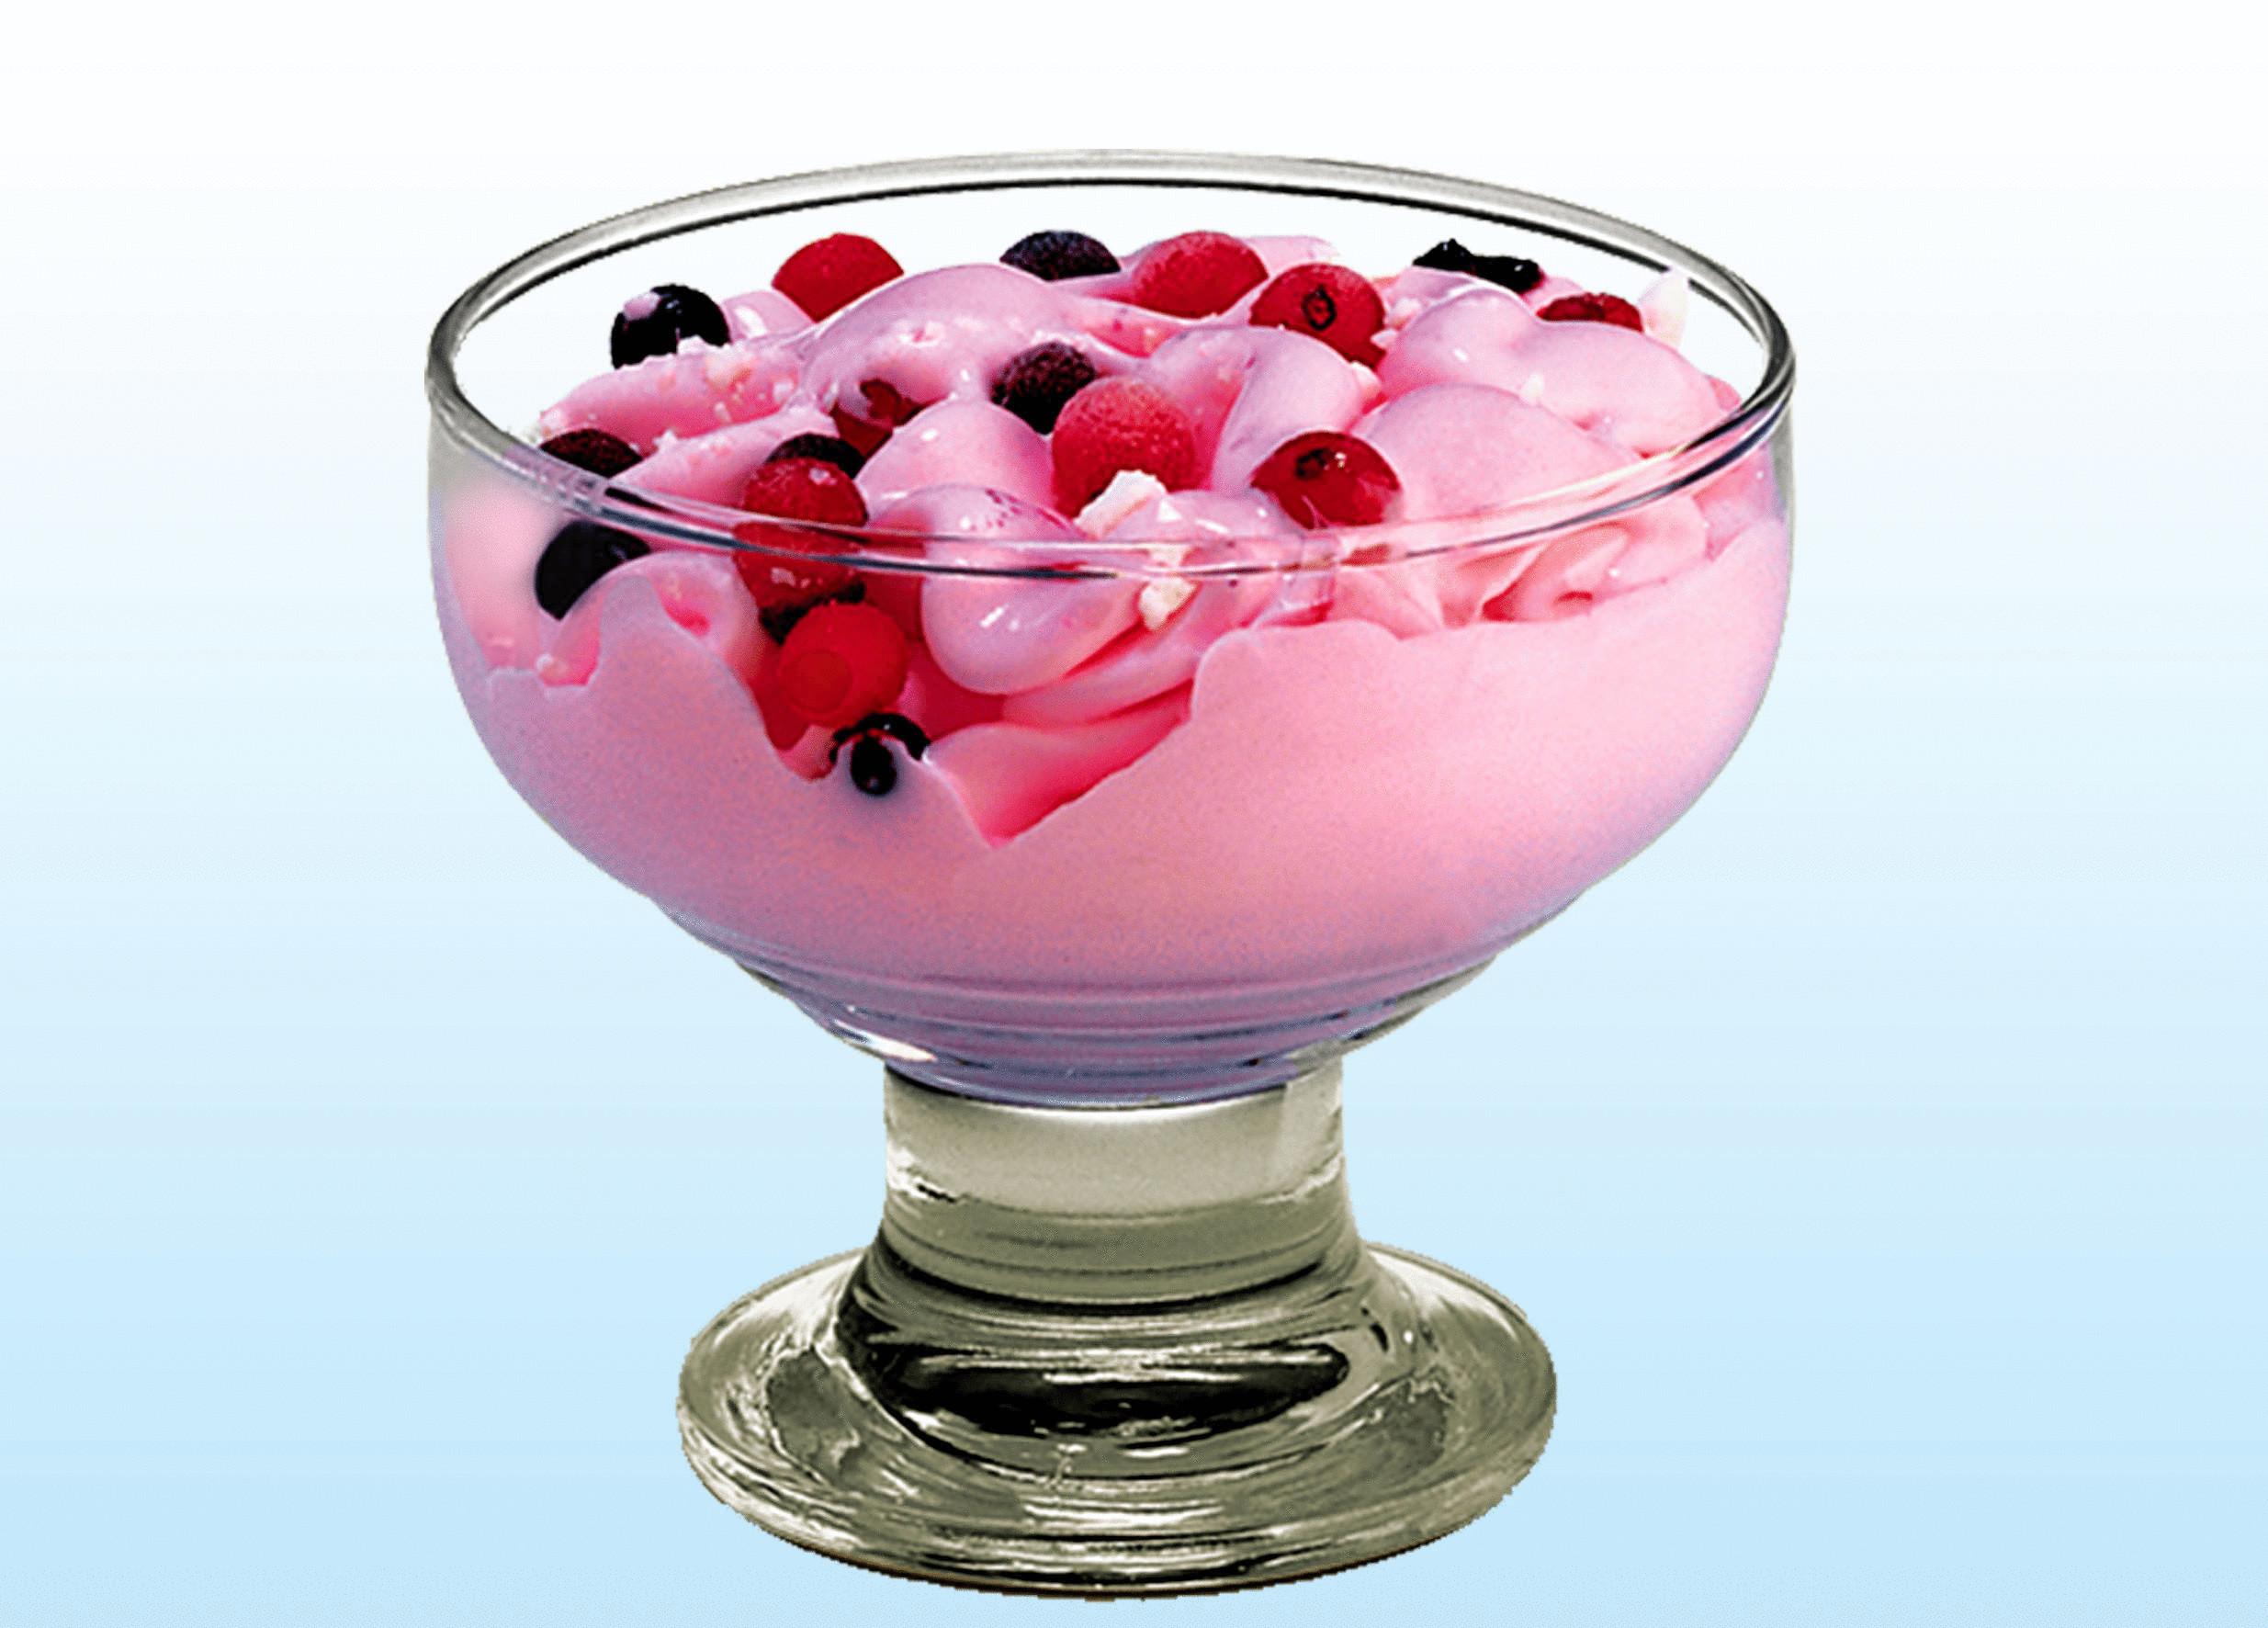 Питьевой йогурт - замечательный летний обед